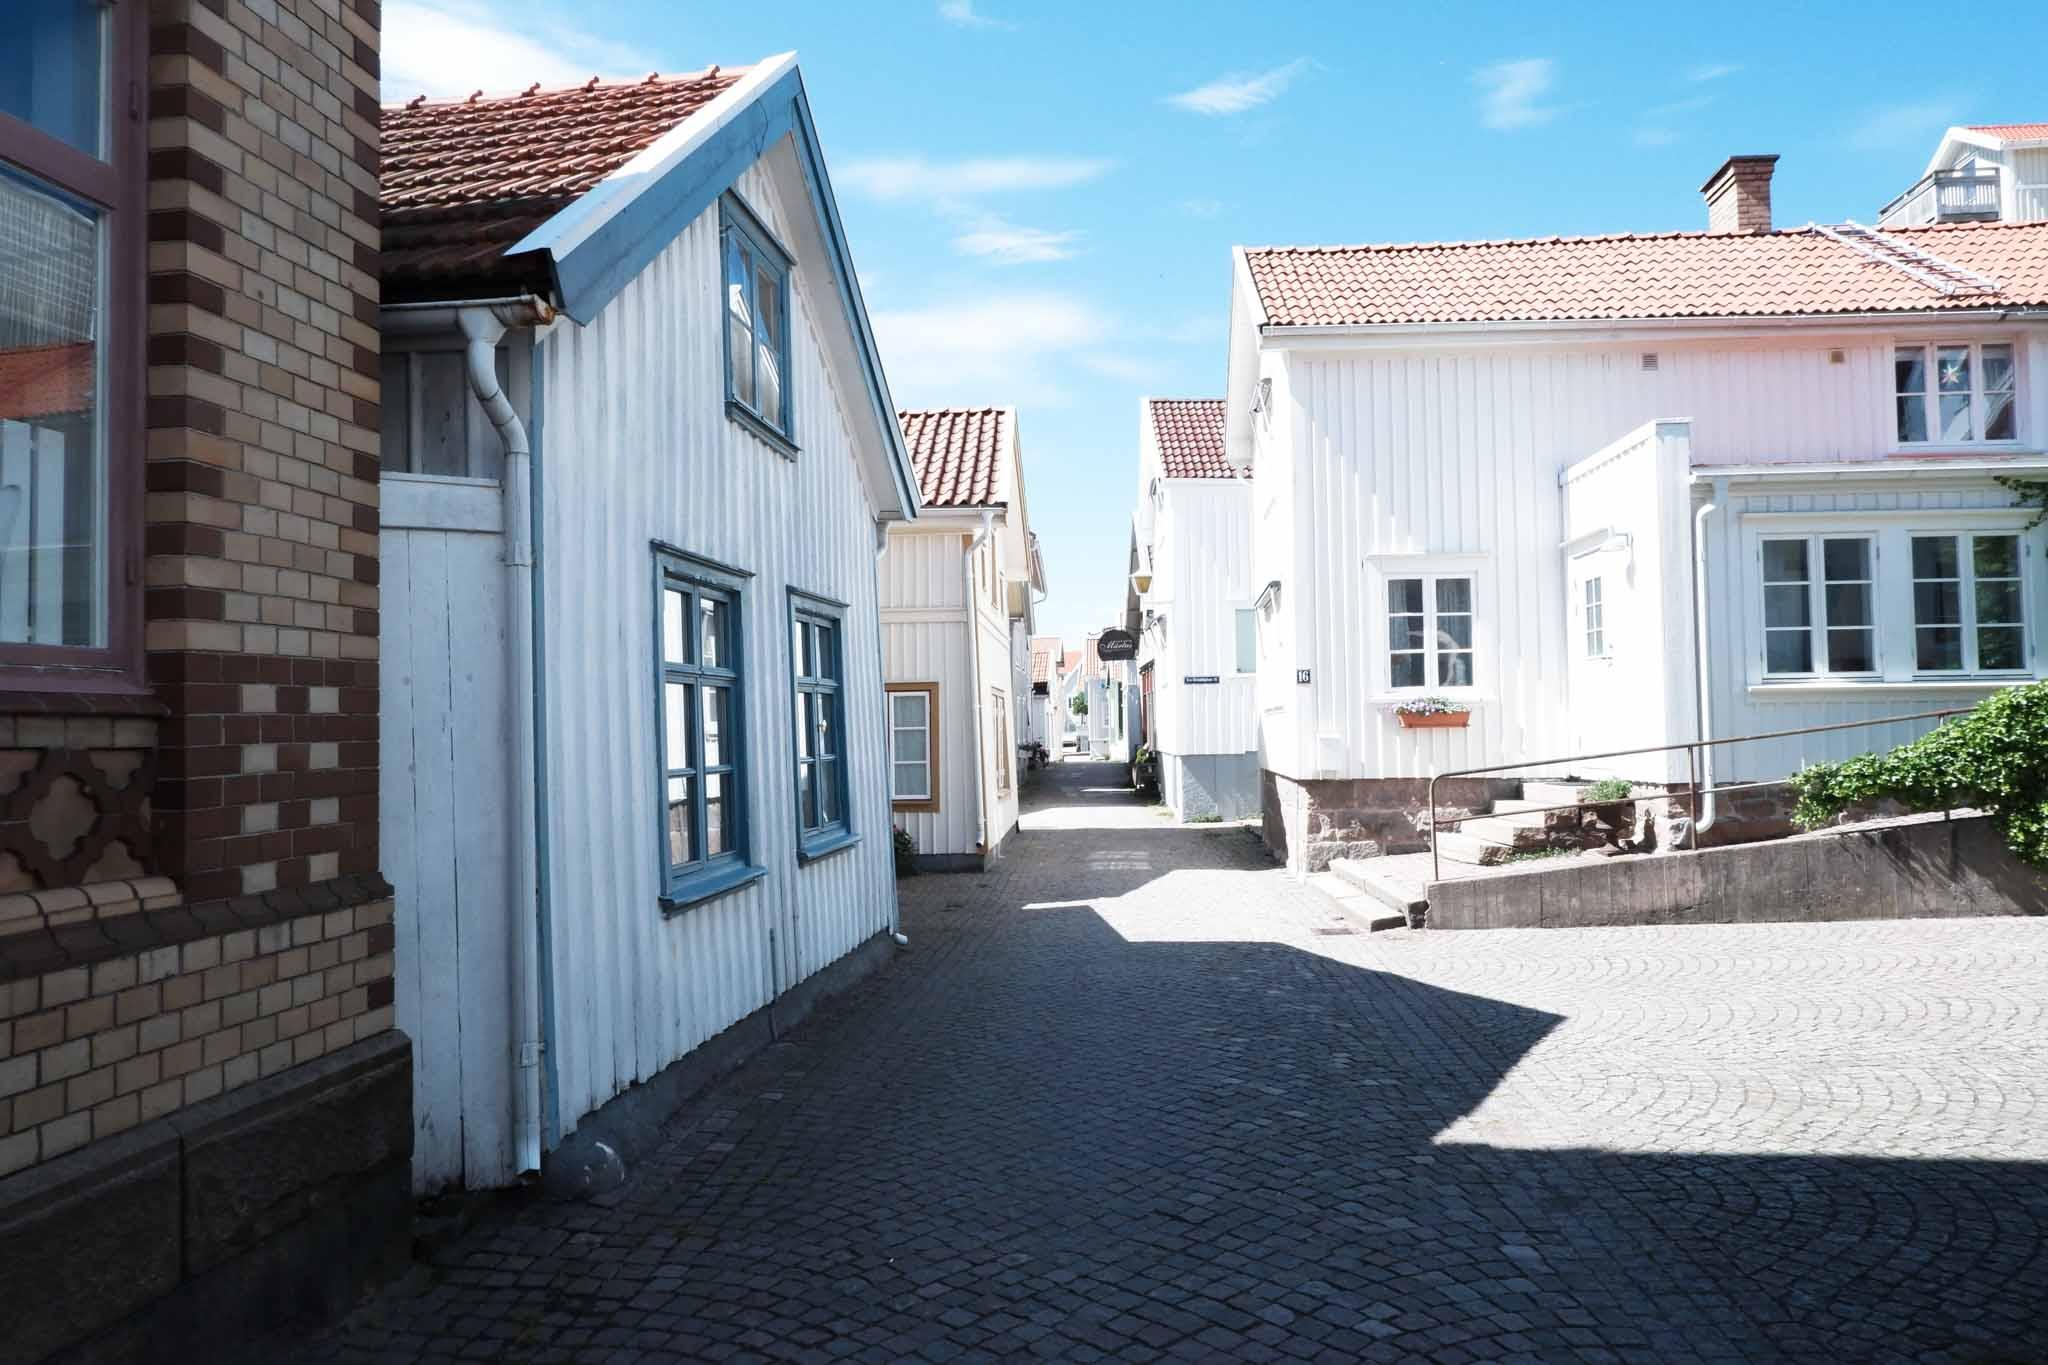 10 giorni in Svezia: da Stoccolma a Malmo